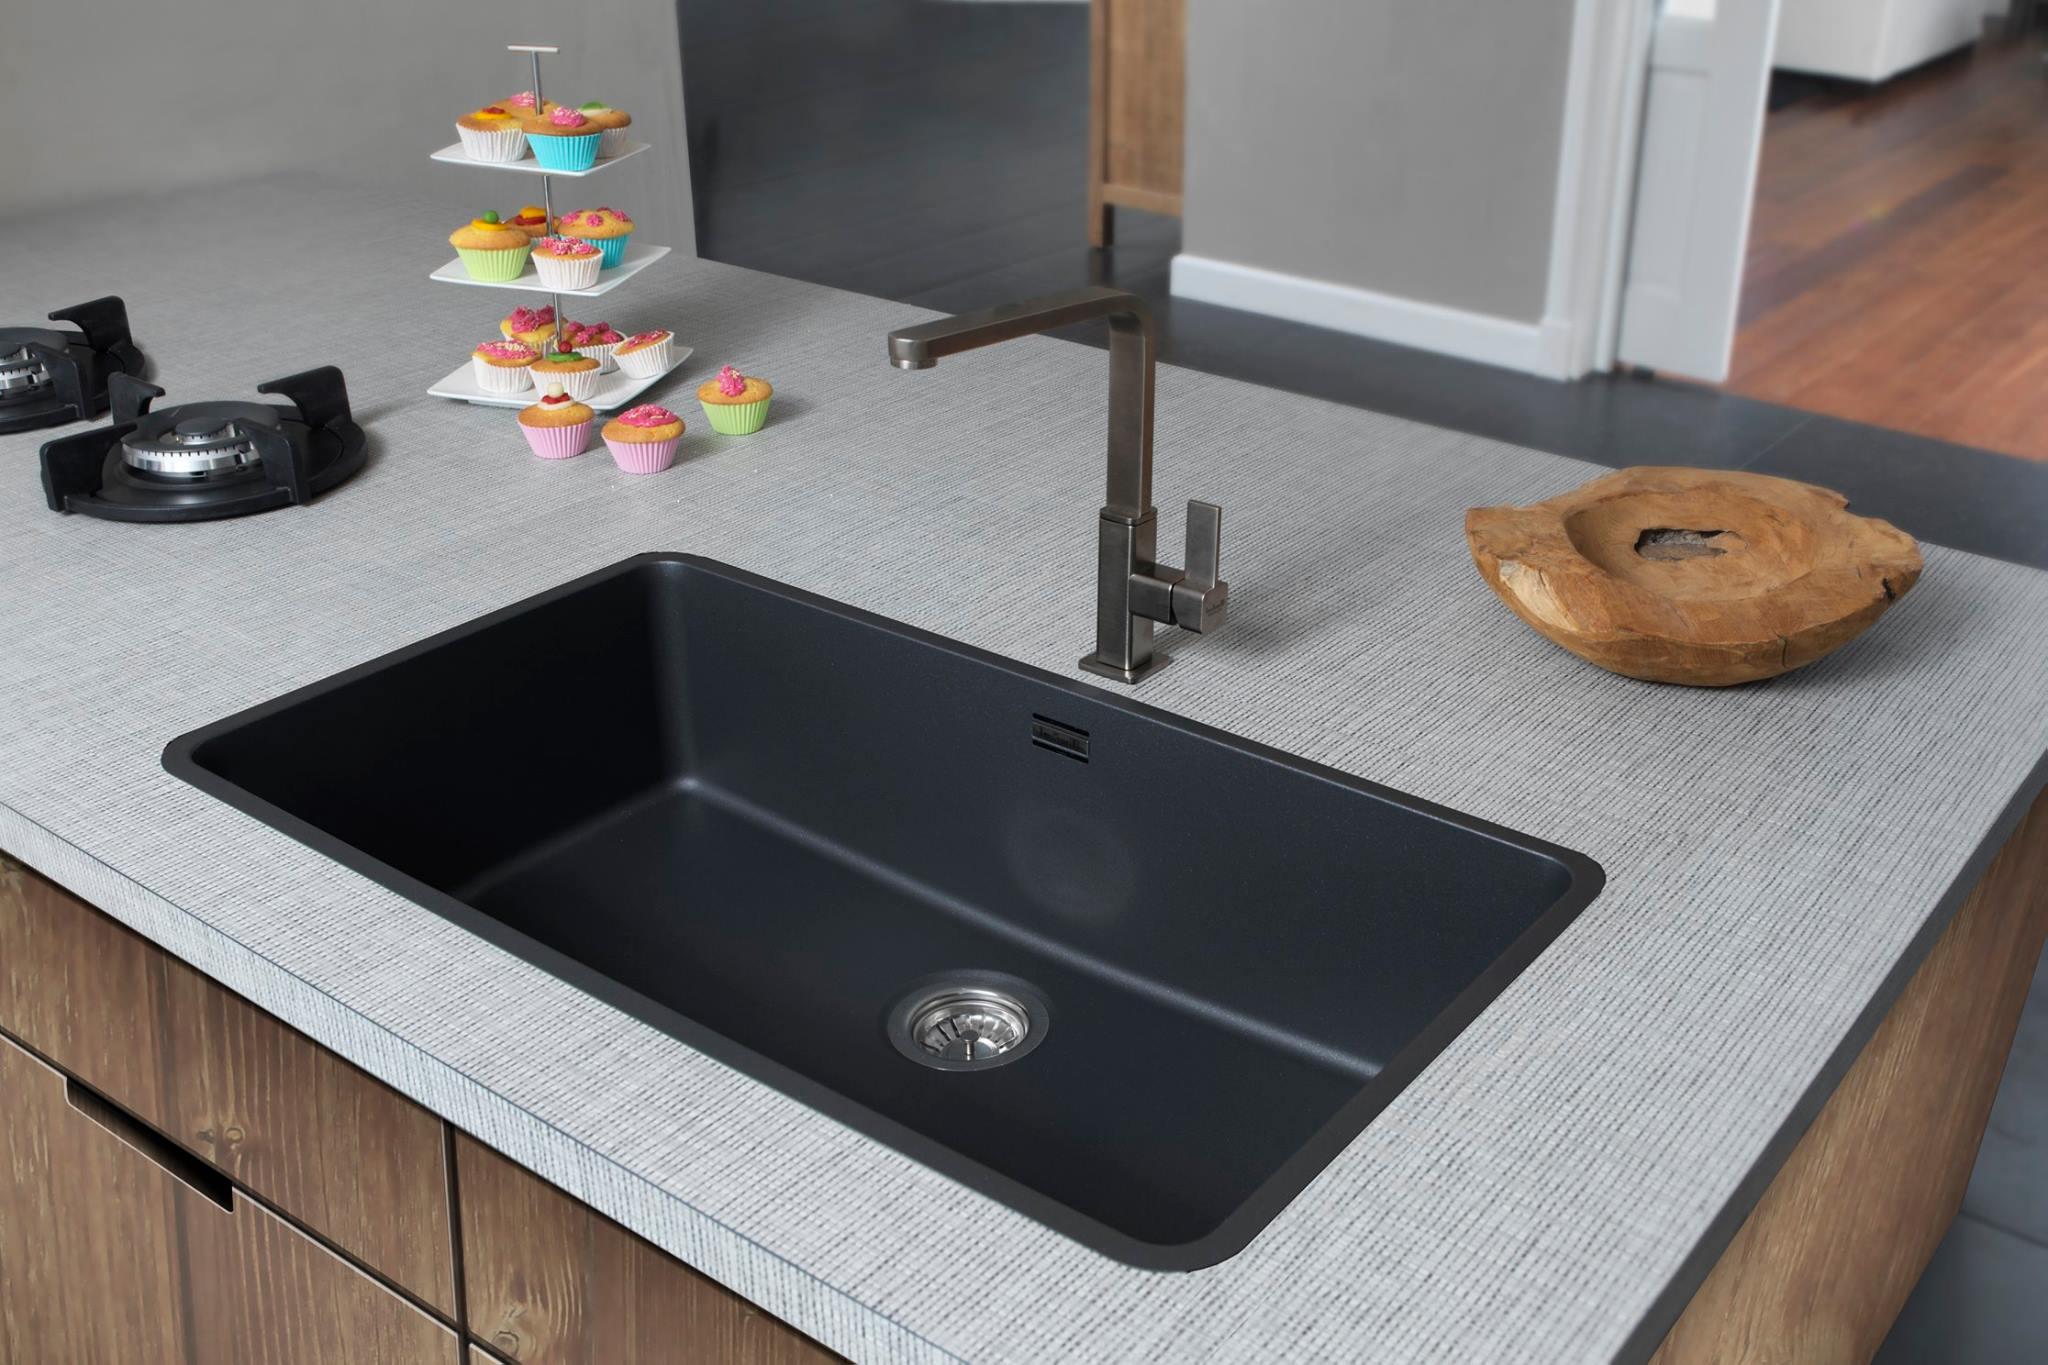 Wasbak Keuken Ikea : Regi Color – Nieuws Startpagina voor keuken idee?n UW-keuken.nl